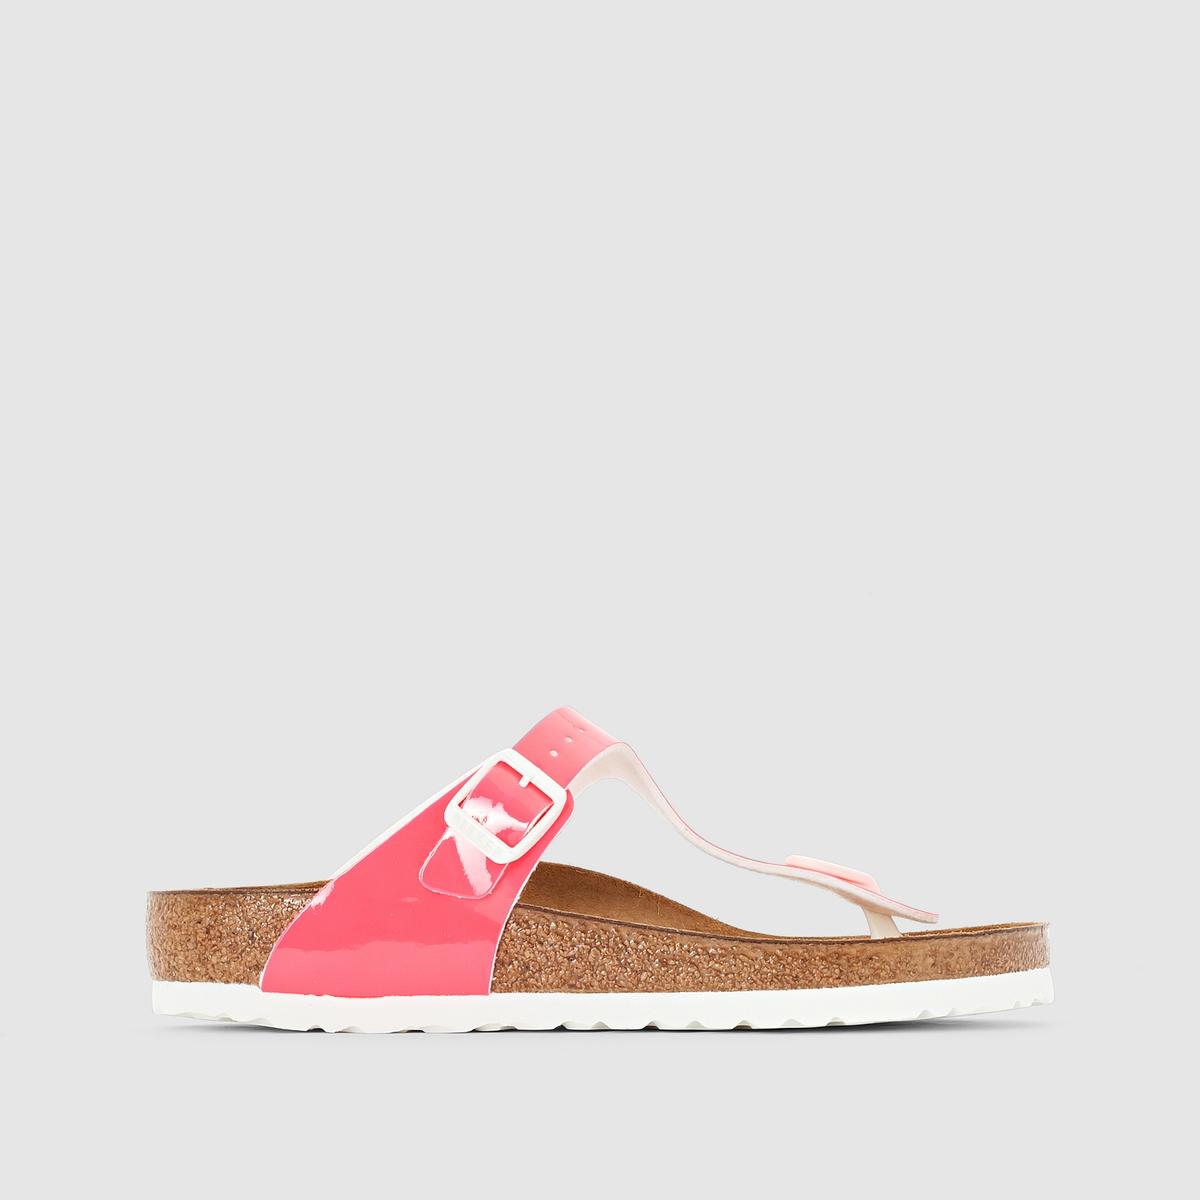 Туфли без задника лакированные с перемычкой между пальцами, GIZEH